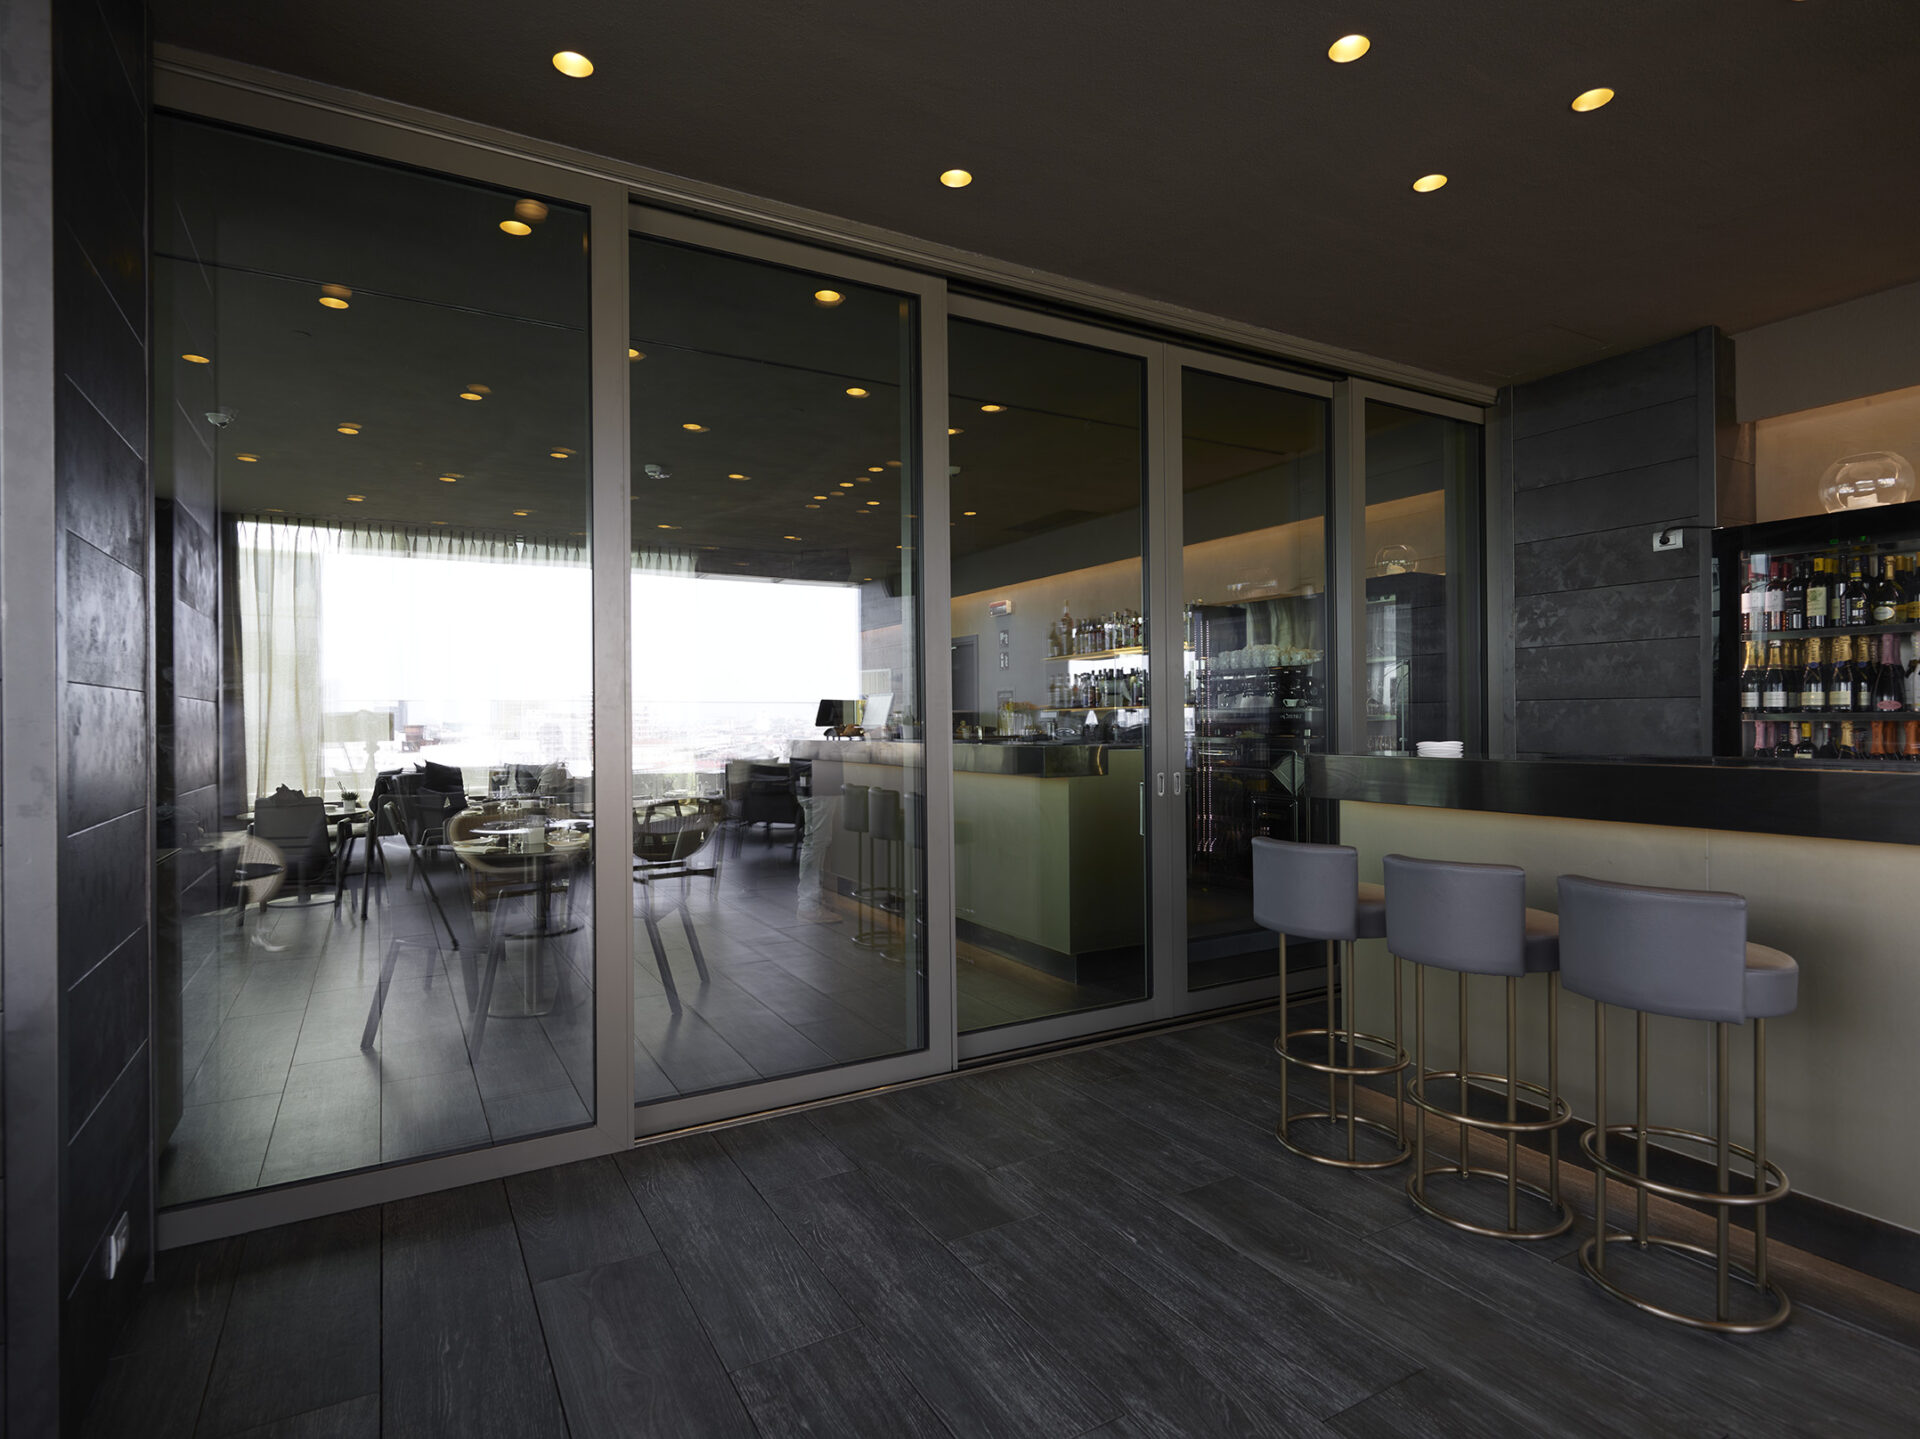 Thema per l'ultimo piano dell'hotel, nella zona ristorante, ha realizzato i parapetti e i serramenti scorrevoli completamente apribili che si affacciano sia sull'esterno sia sull'interno della sala, per un effetto tutto vetro.